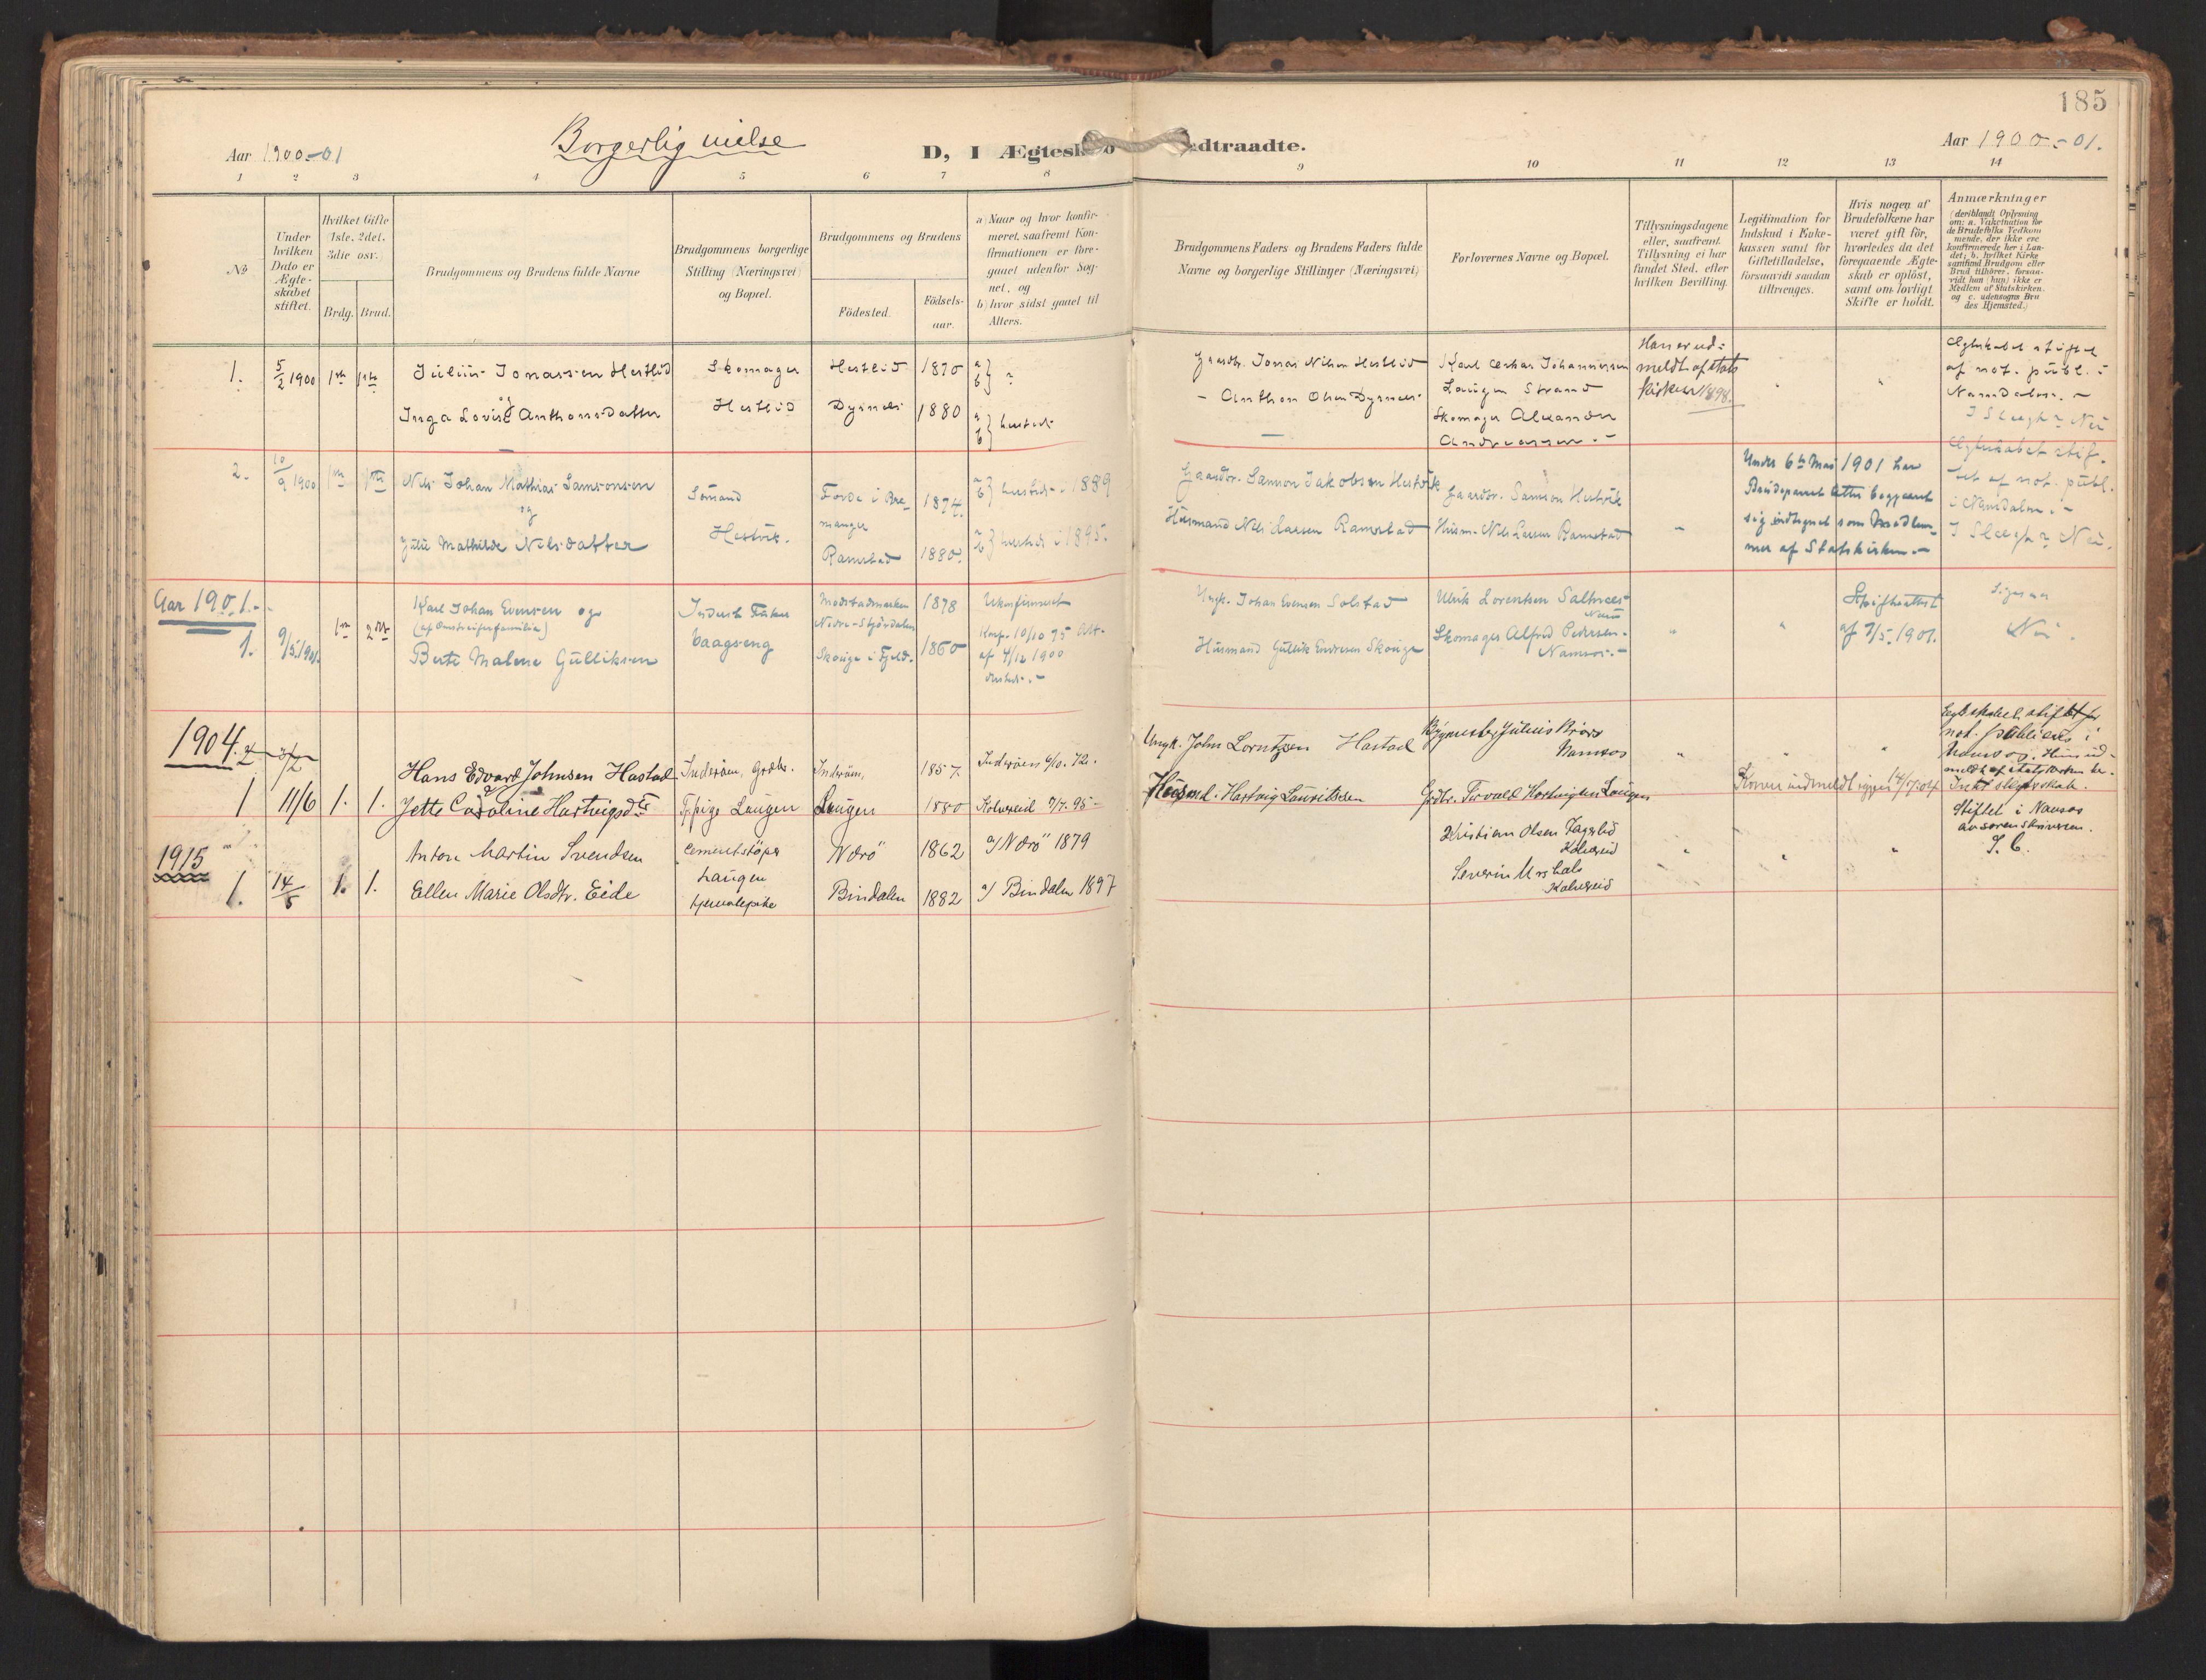 SAT, Ministerialprotokoller, klokkerbøker og fødselsregistre - Nord-Trøndelag, 784/L0677: Ministerialbok nr. 784A12, 1900-1920, s. 185